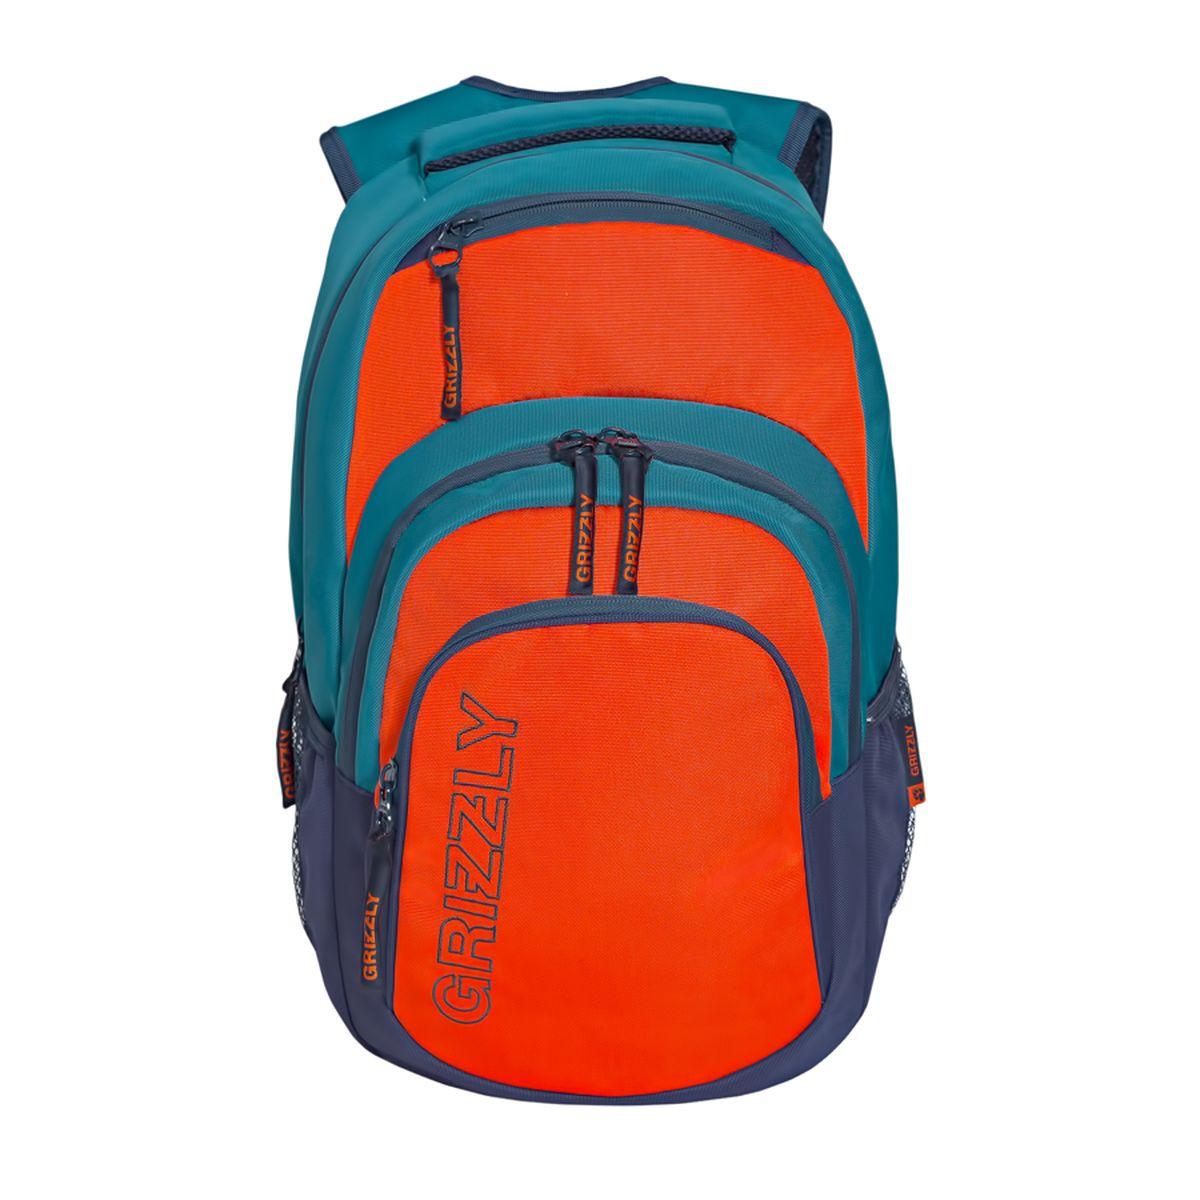 Рюкзак молодежный Grizzly, цвет: синий-оранжевый. 32 л. RU-704-1/4RU-704-1/4Рюкзак молодежный, одно отделение, карман на молнии на передней стенке, объемный карман на молнии на передней стенке, боковые карманы из сетки, внутренний составной пенал-органайзер, внутренний укрепленный карман для ноутбука, укрепленная спинка, карман быстрого доступа в верхней части рюкзака, мягкая укрепленная ручка, нагрудная стяжка-фиксатор, укрепленные лямки